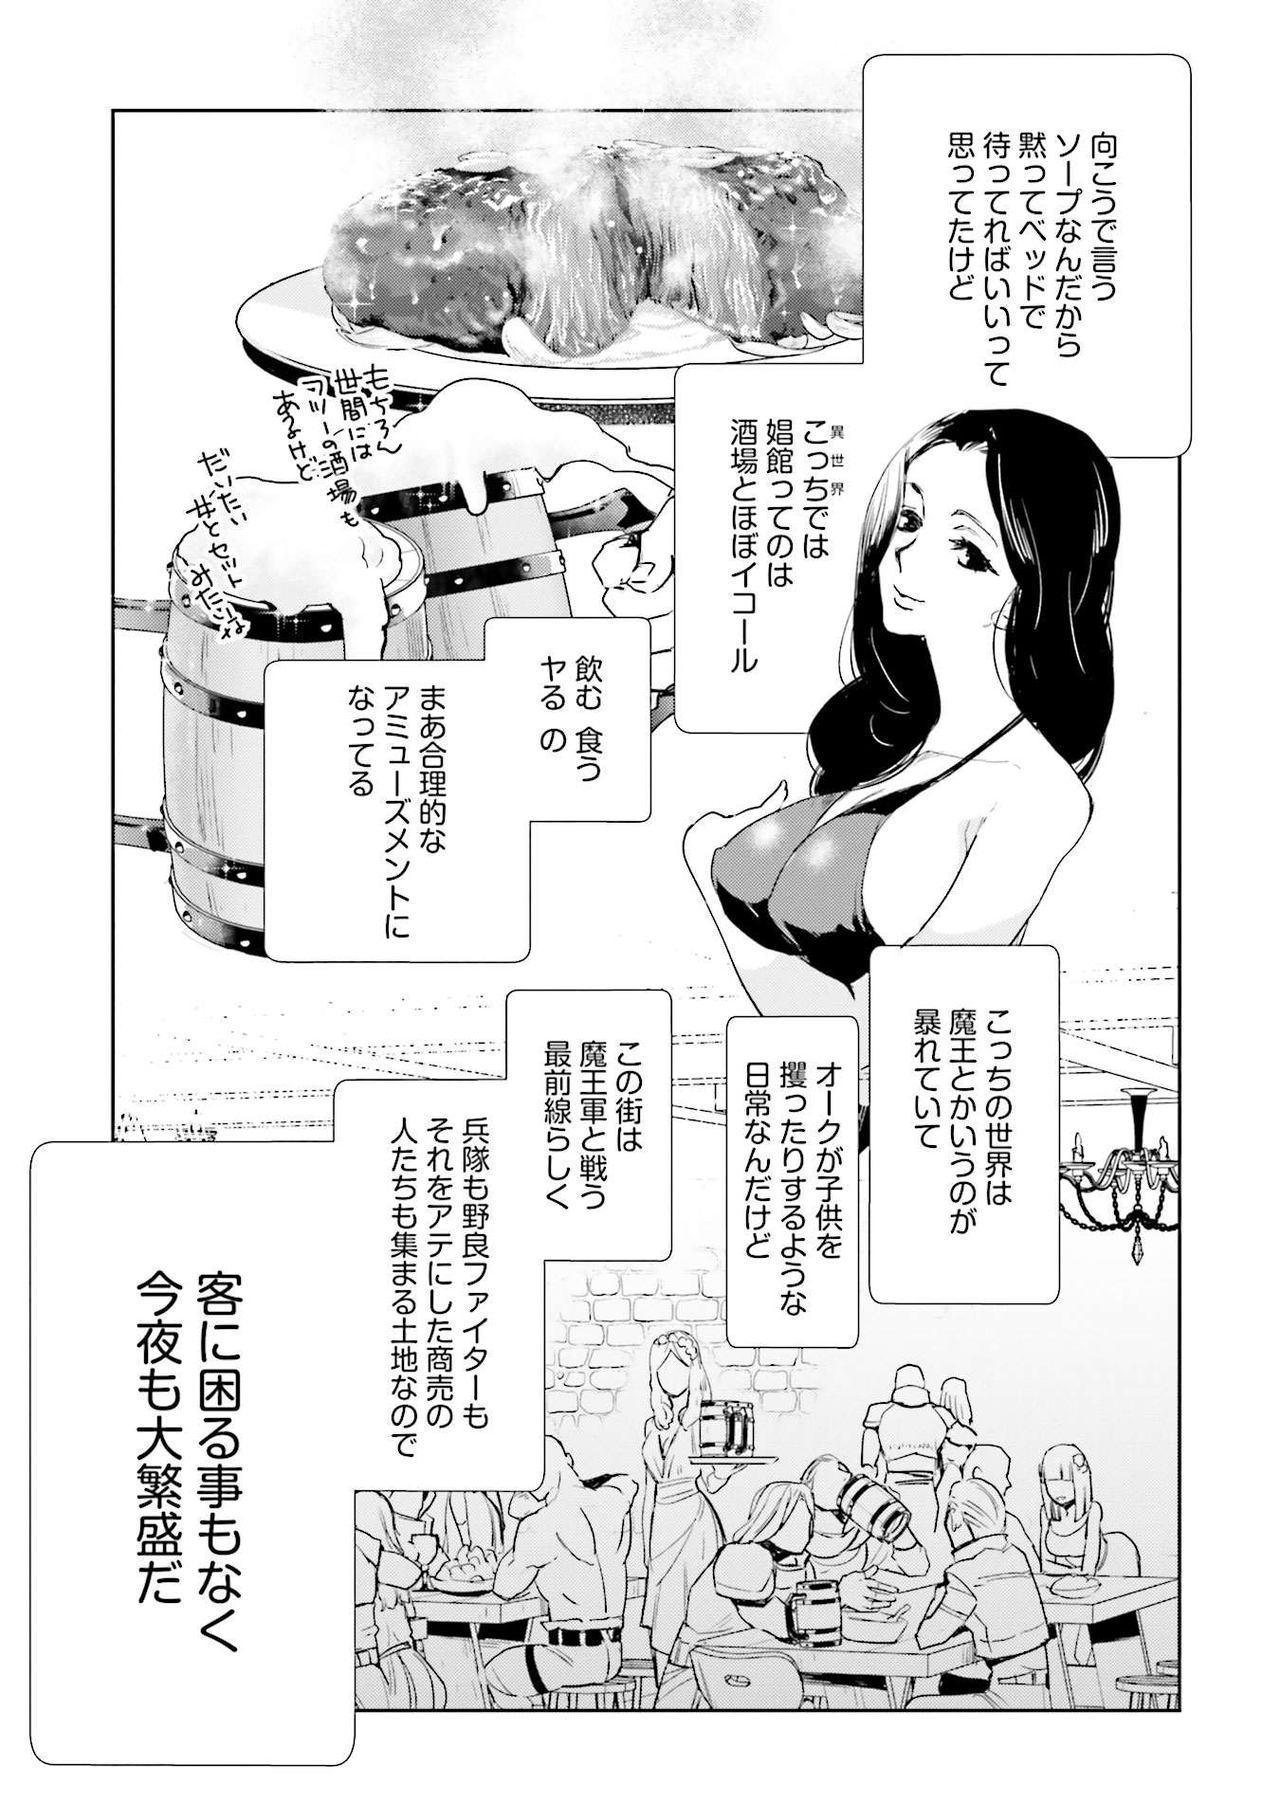 JK Haru wa Isekai de Shoufu ni Natta 1-14 10